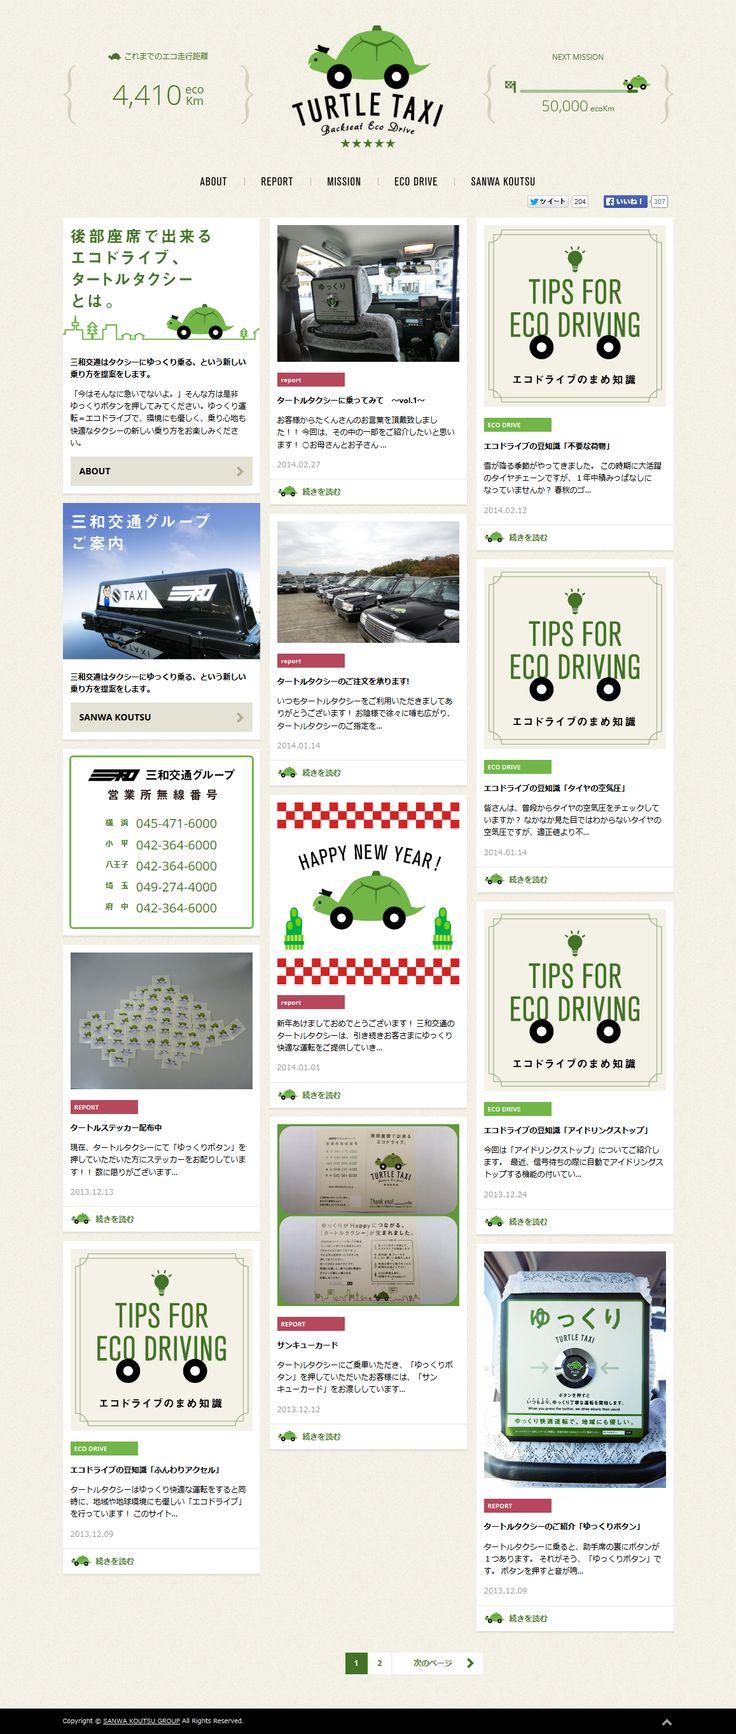 三和交通サービス「タートルタクシー」特設サイト http://turtle-taxi.tumblr.com/